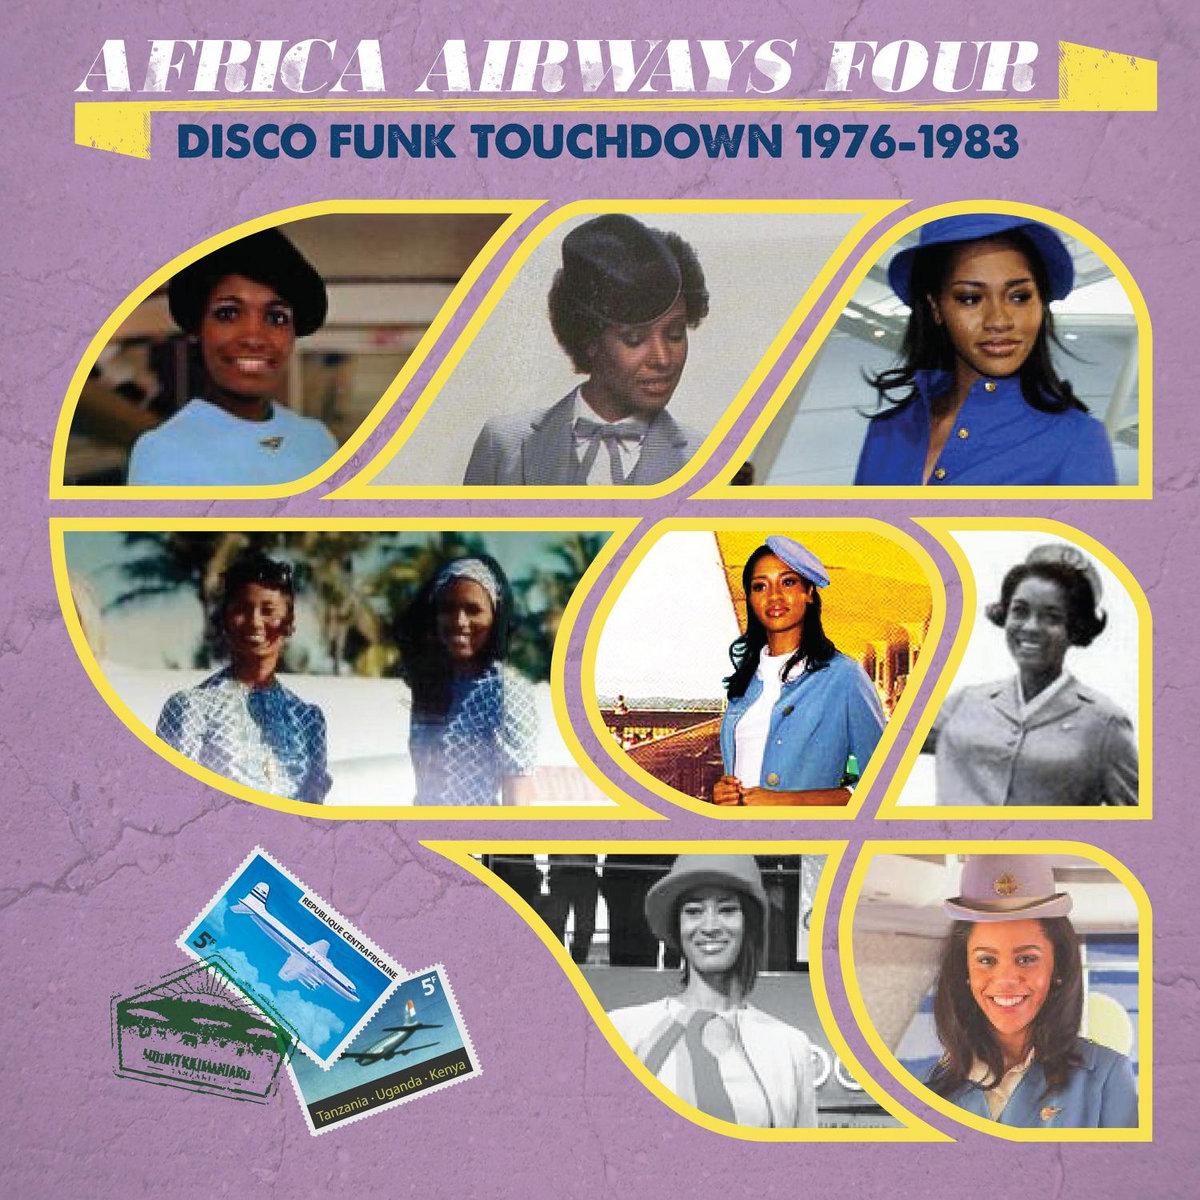 fcdf1629d99 Africa Airways Four (Disco Funk Touchdown 1976 - 1983)